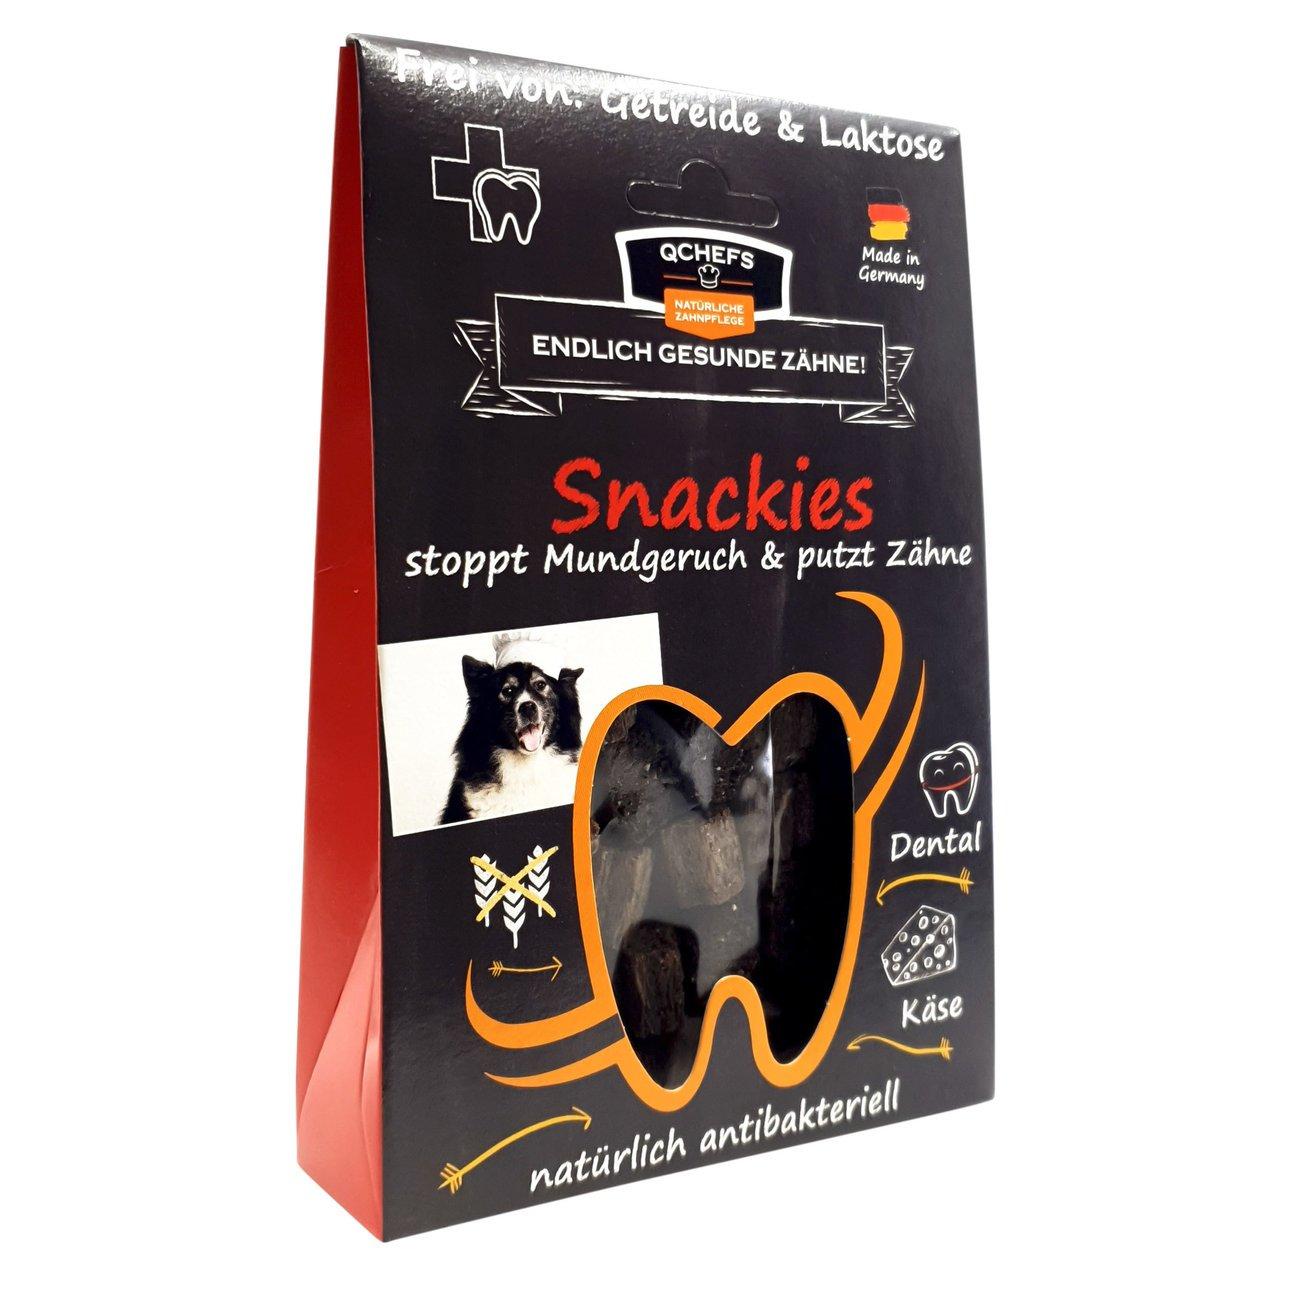 Qchefs Snackies gegen Mundgeruch, Bild 5